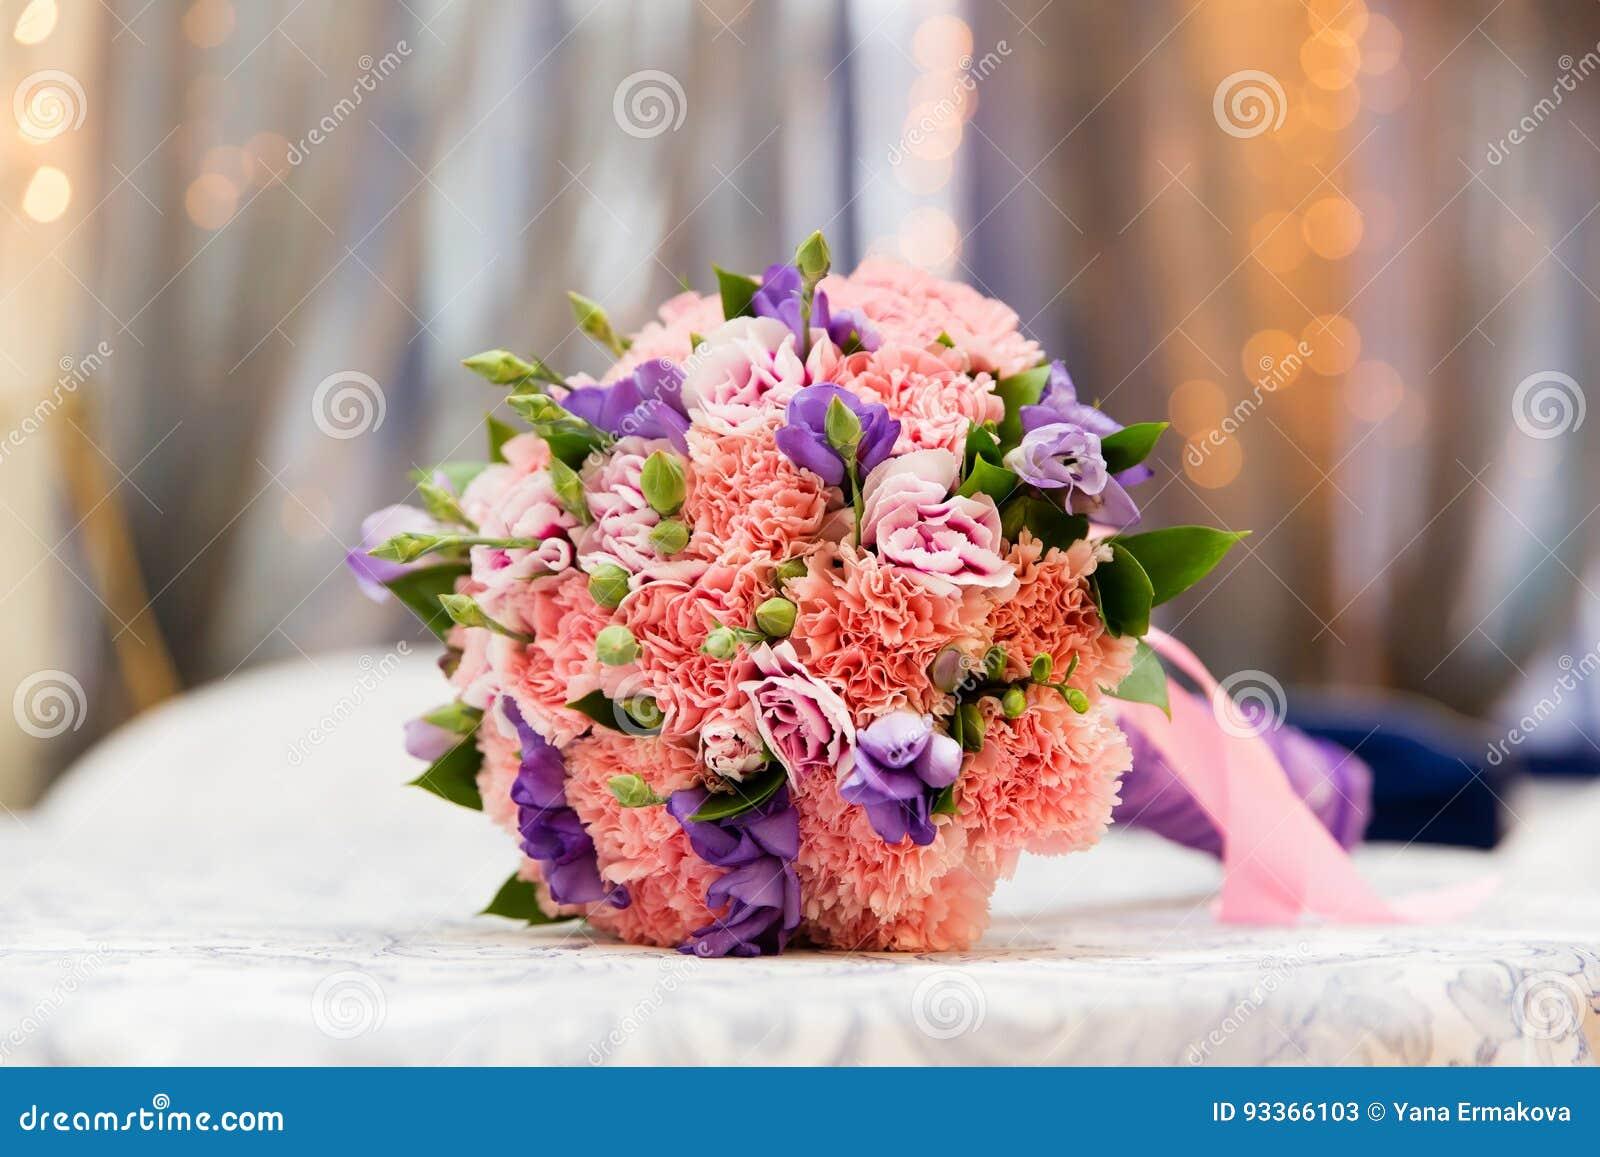 Beau Bouquet De Mariage Image Stock. Image Du Occasion